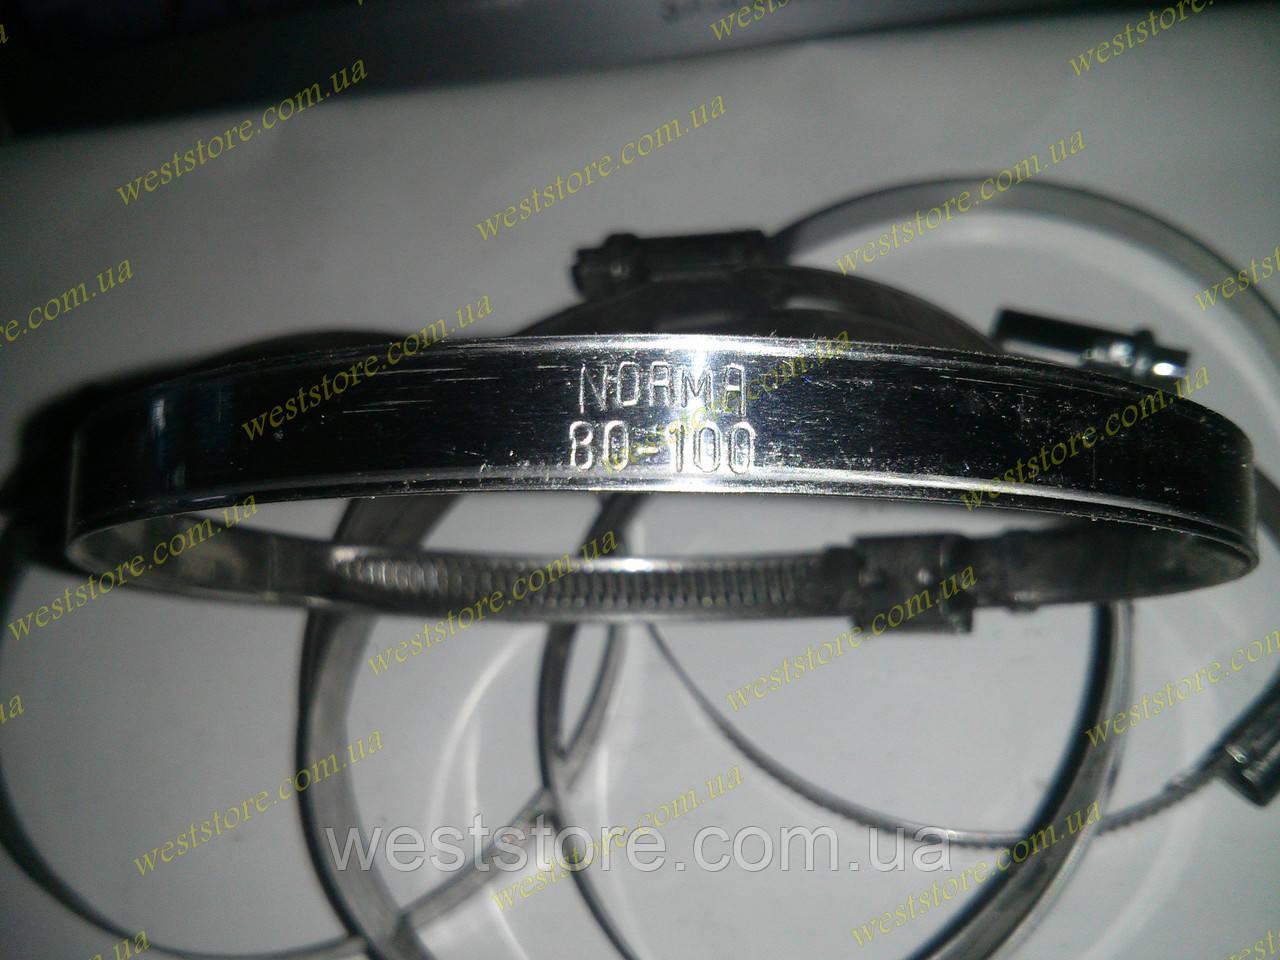 Хомут червячный Norma W2 80-100 мм (нержавеющий)